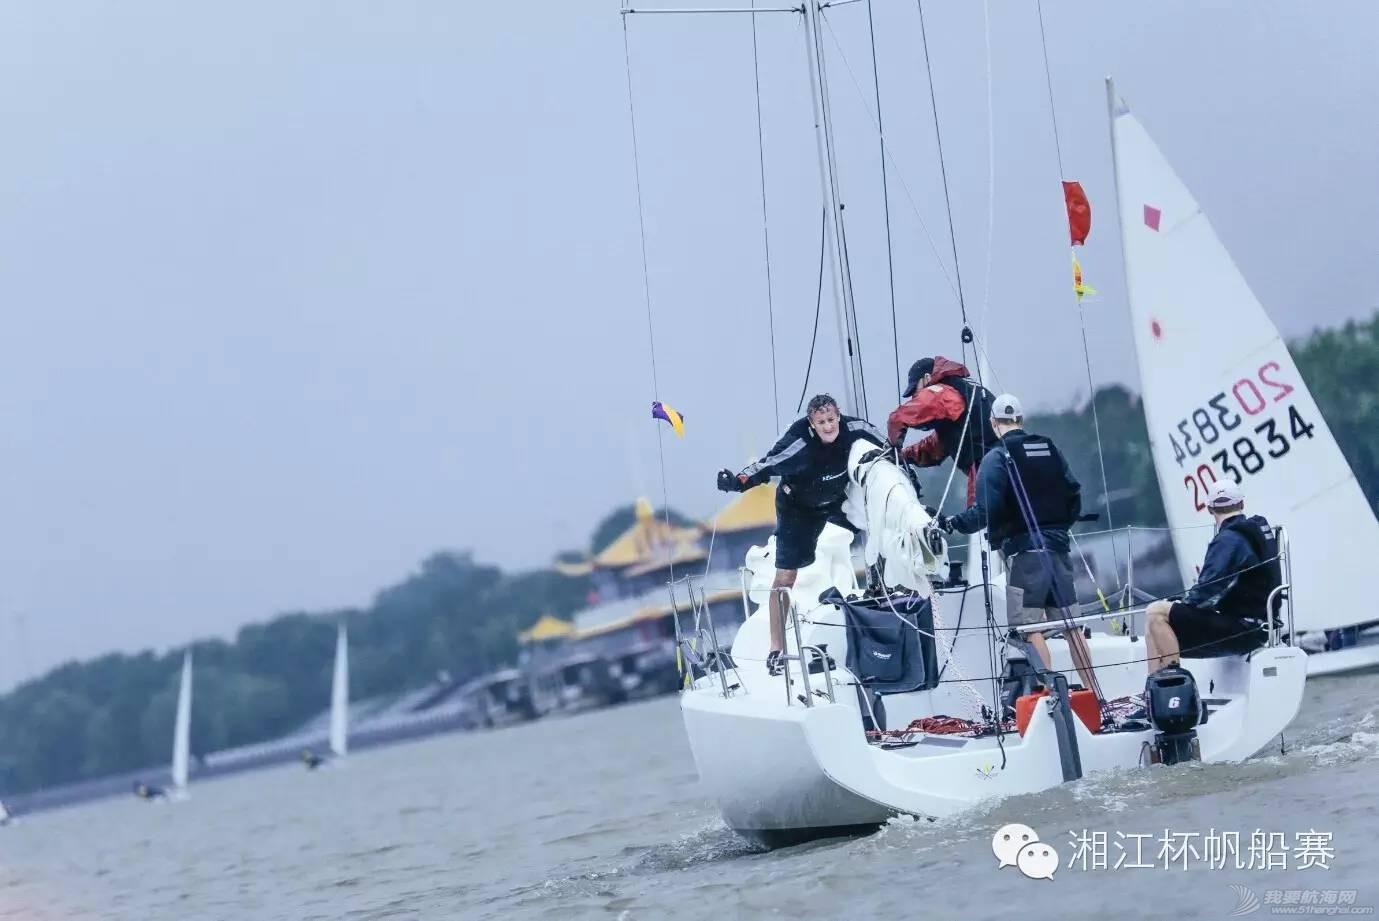 湘江杯国际帆船赛面临挑战 五大措施确保比赛顺利进行 6e0a4fd7f1aac5f876ccbdf3f171bc47.jpg